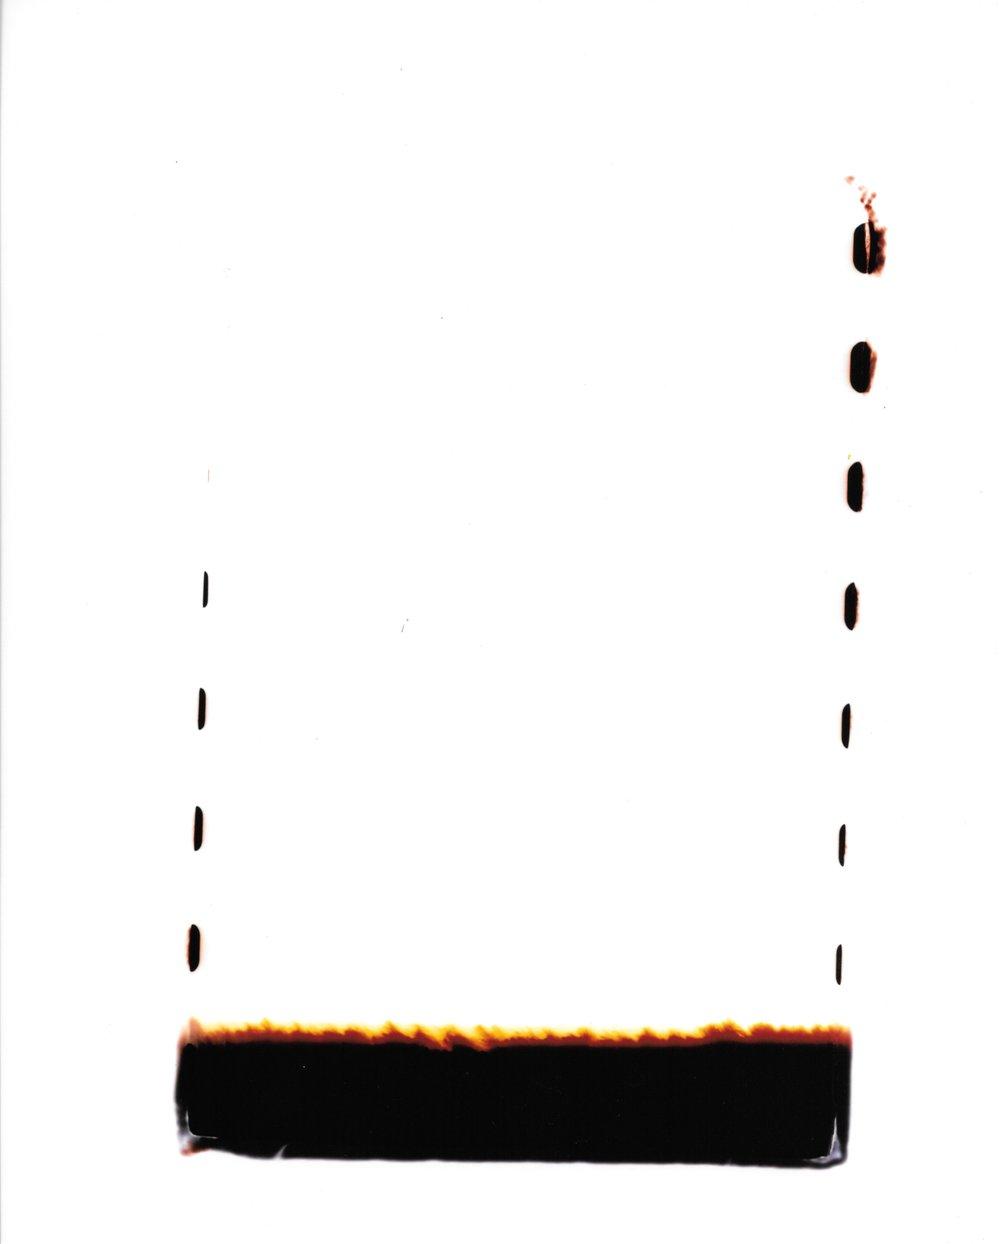 81.jpeg